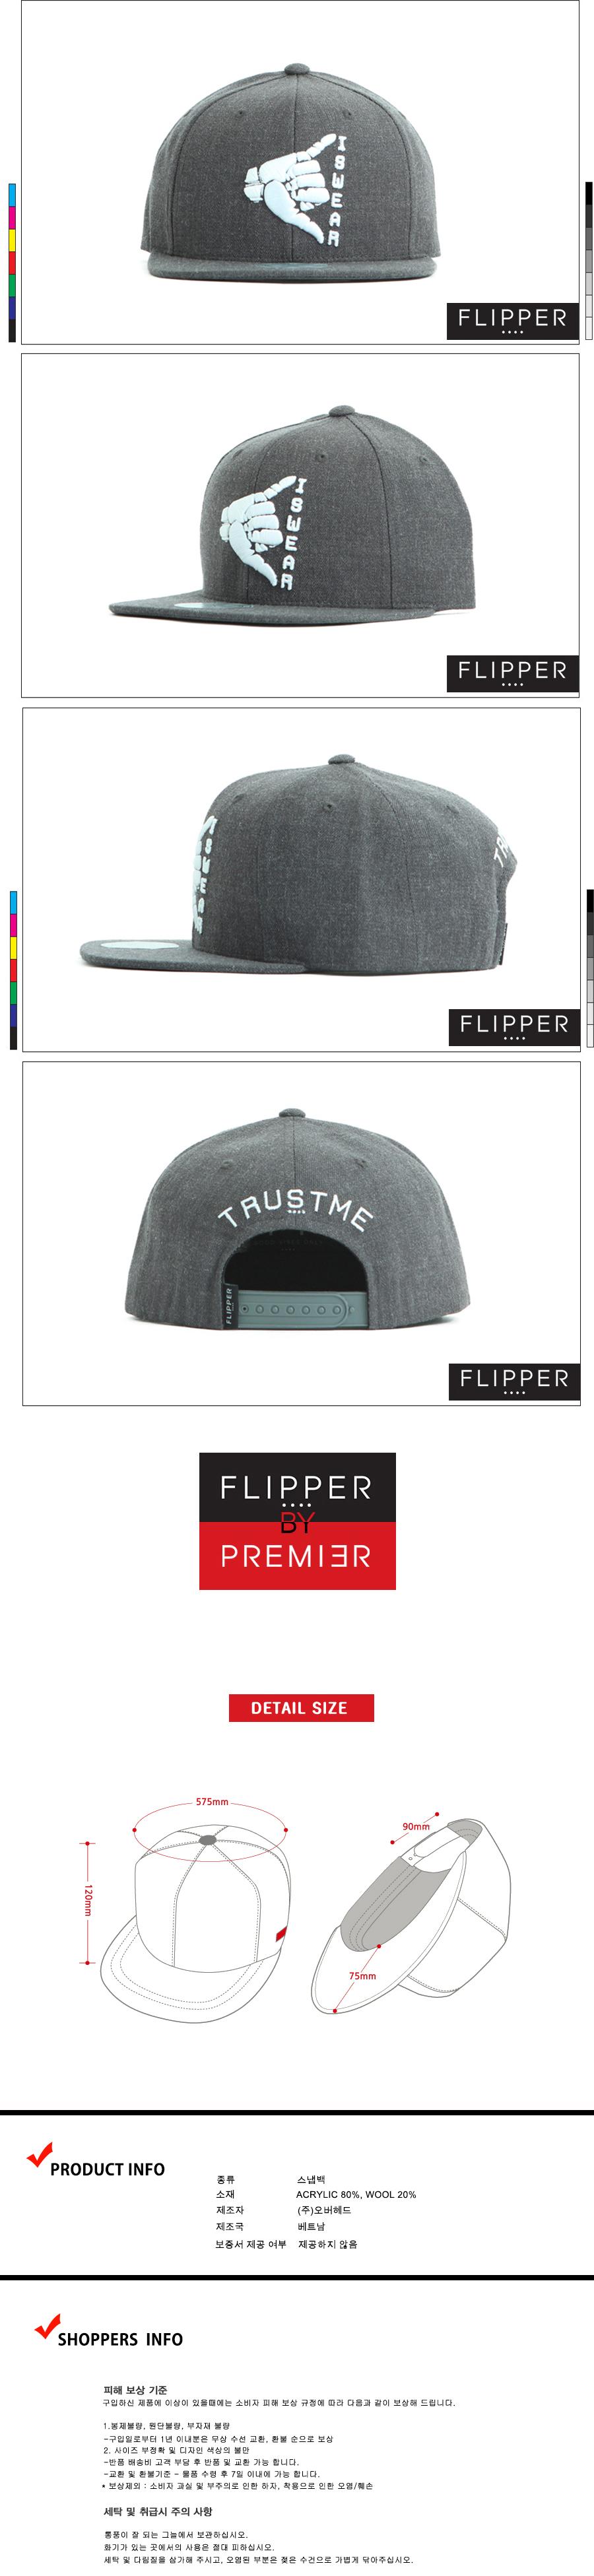 [ PREMIER ] [Premier] Flipper Snapback Swear Charcoal (FL025)